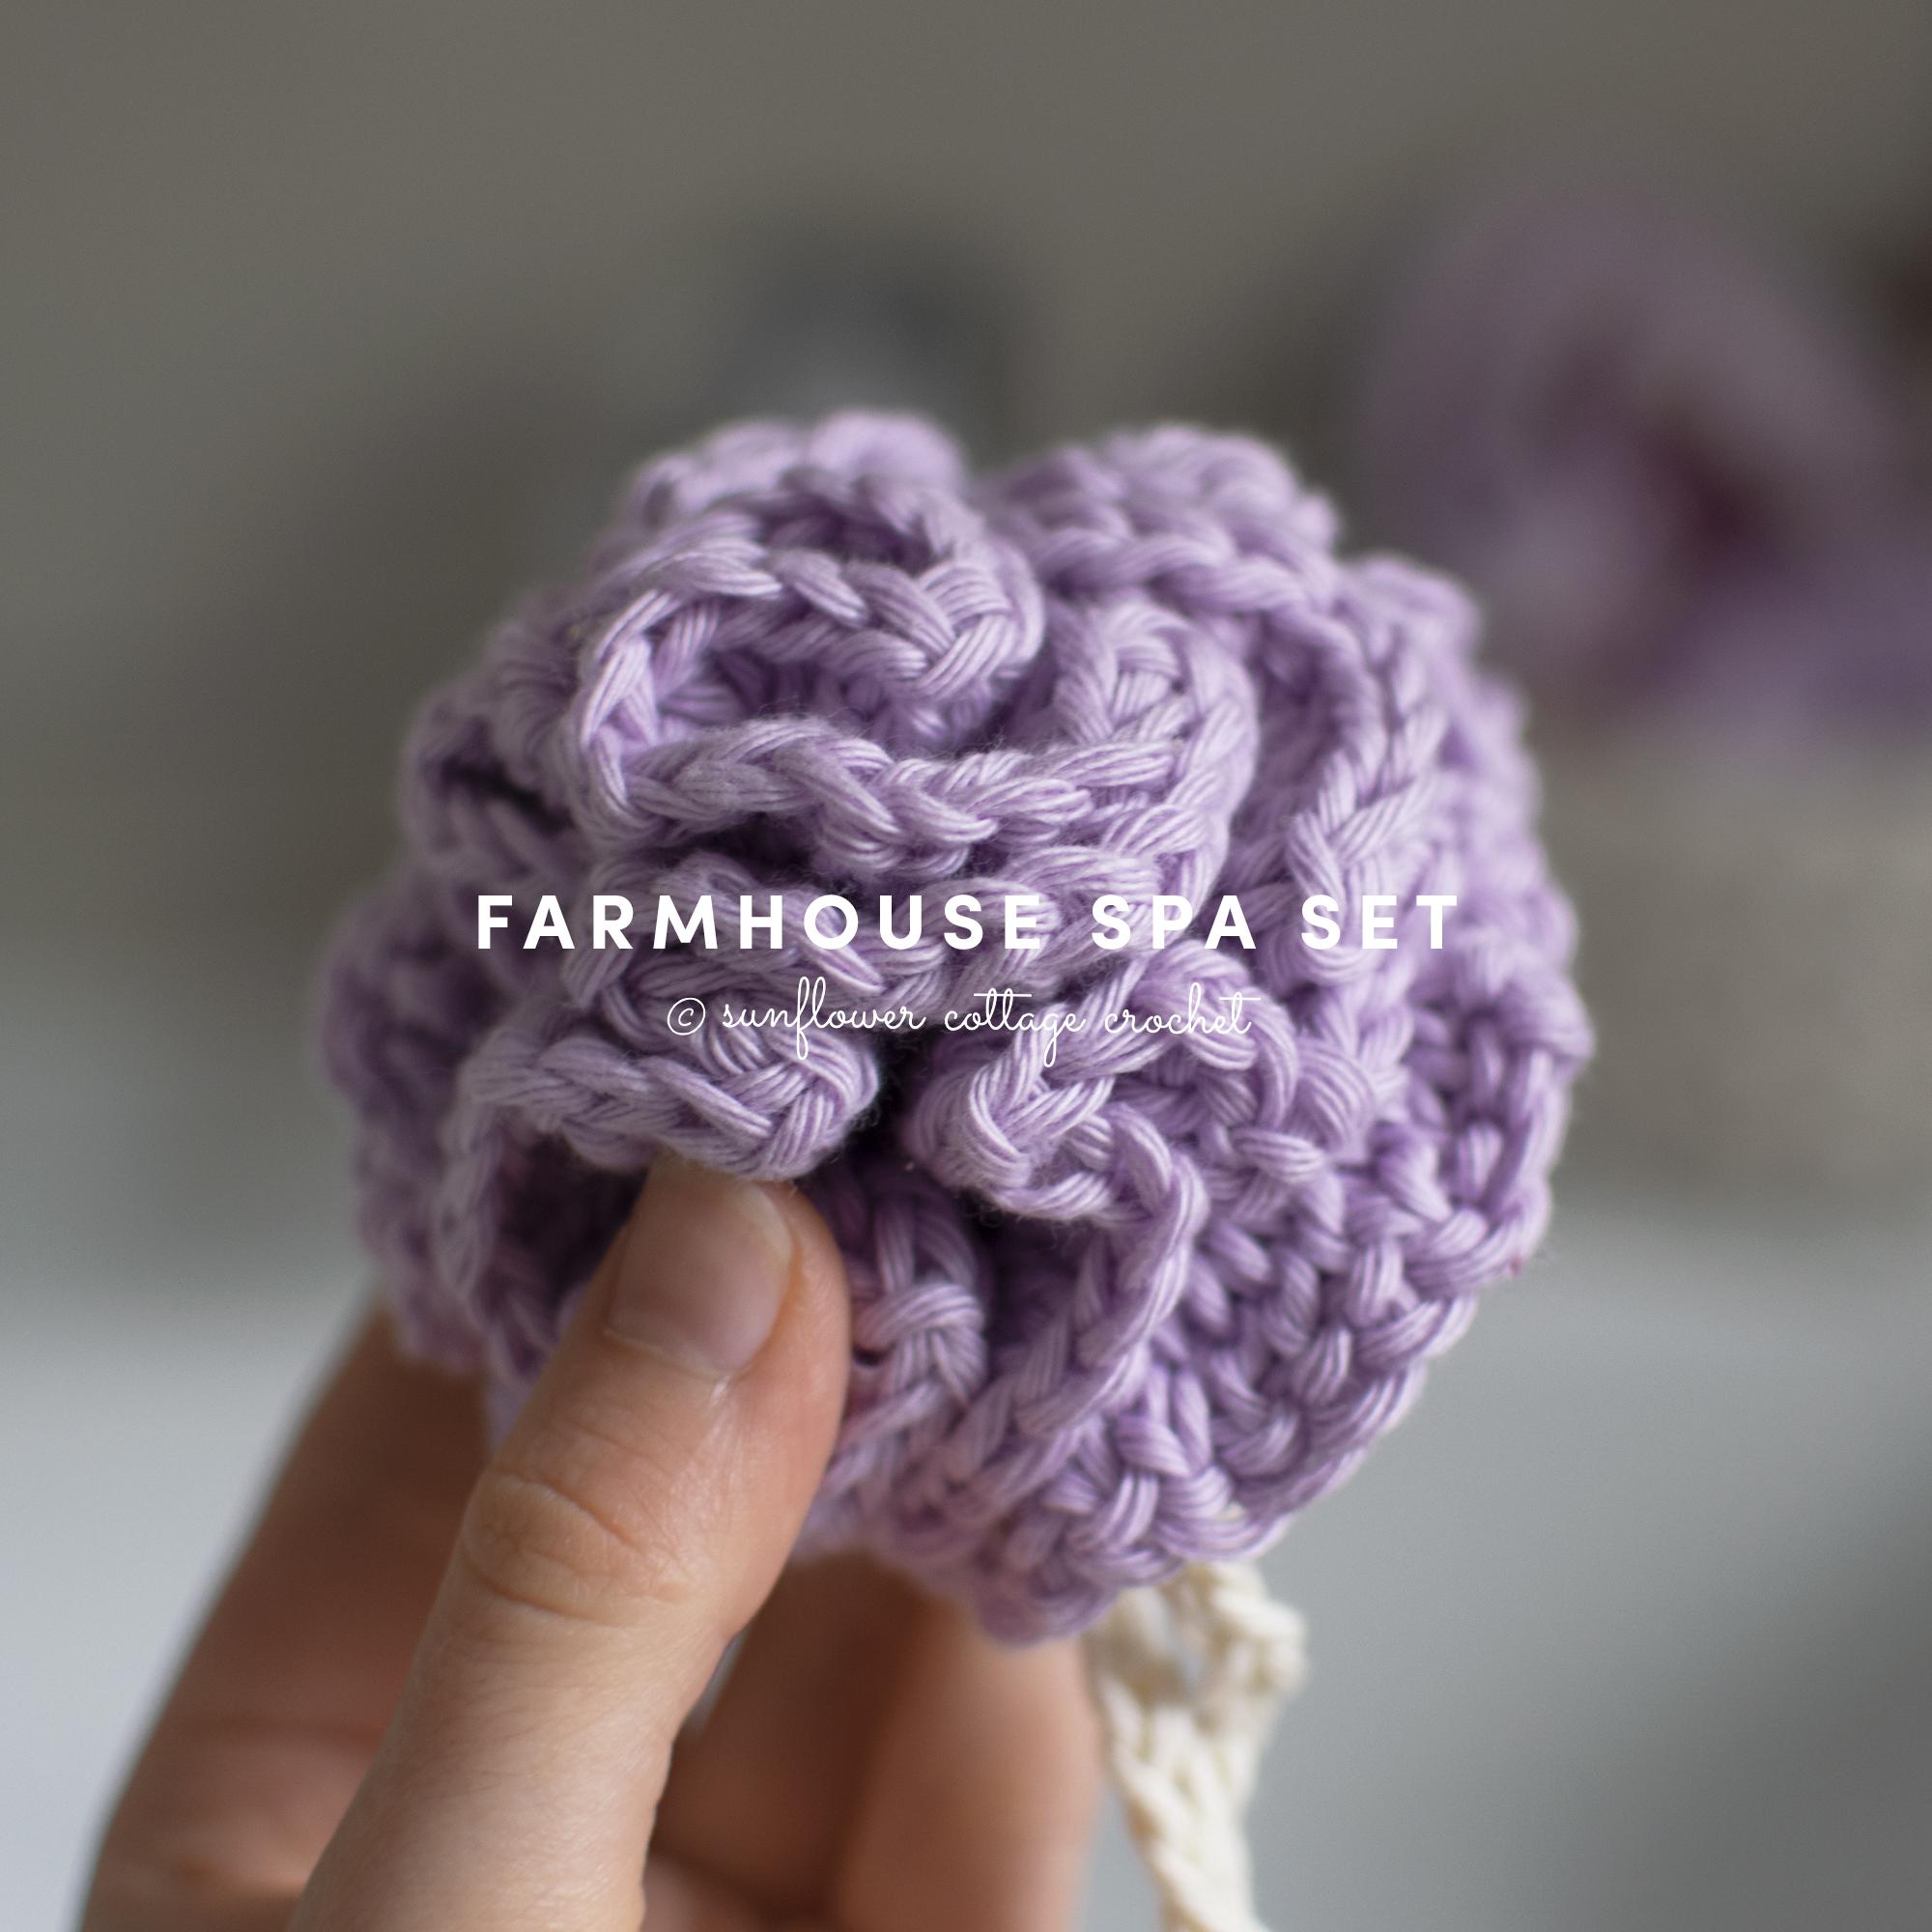 Farmhouse Spa Set